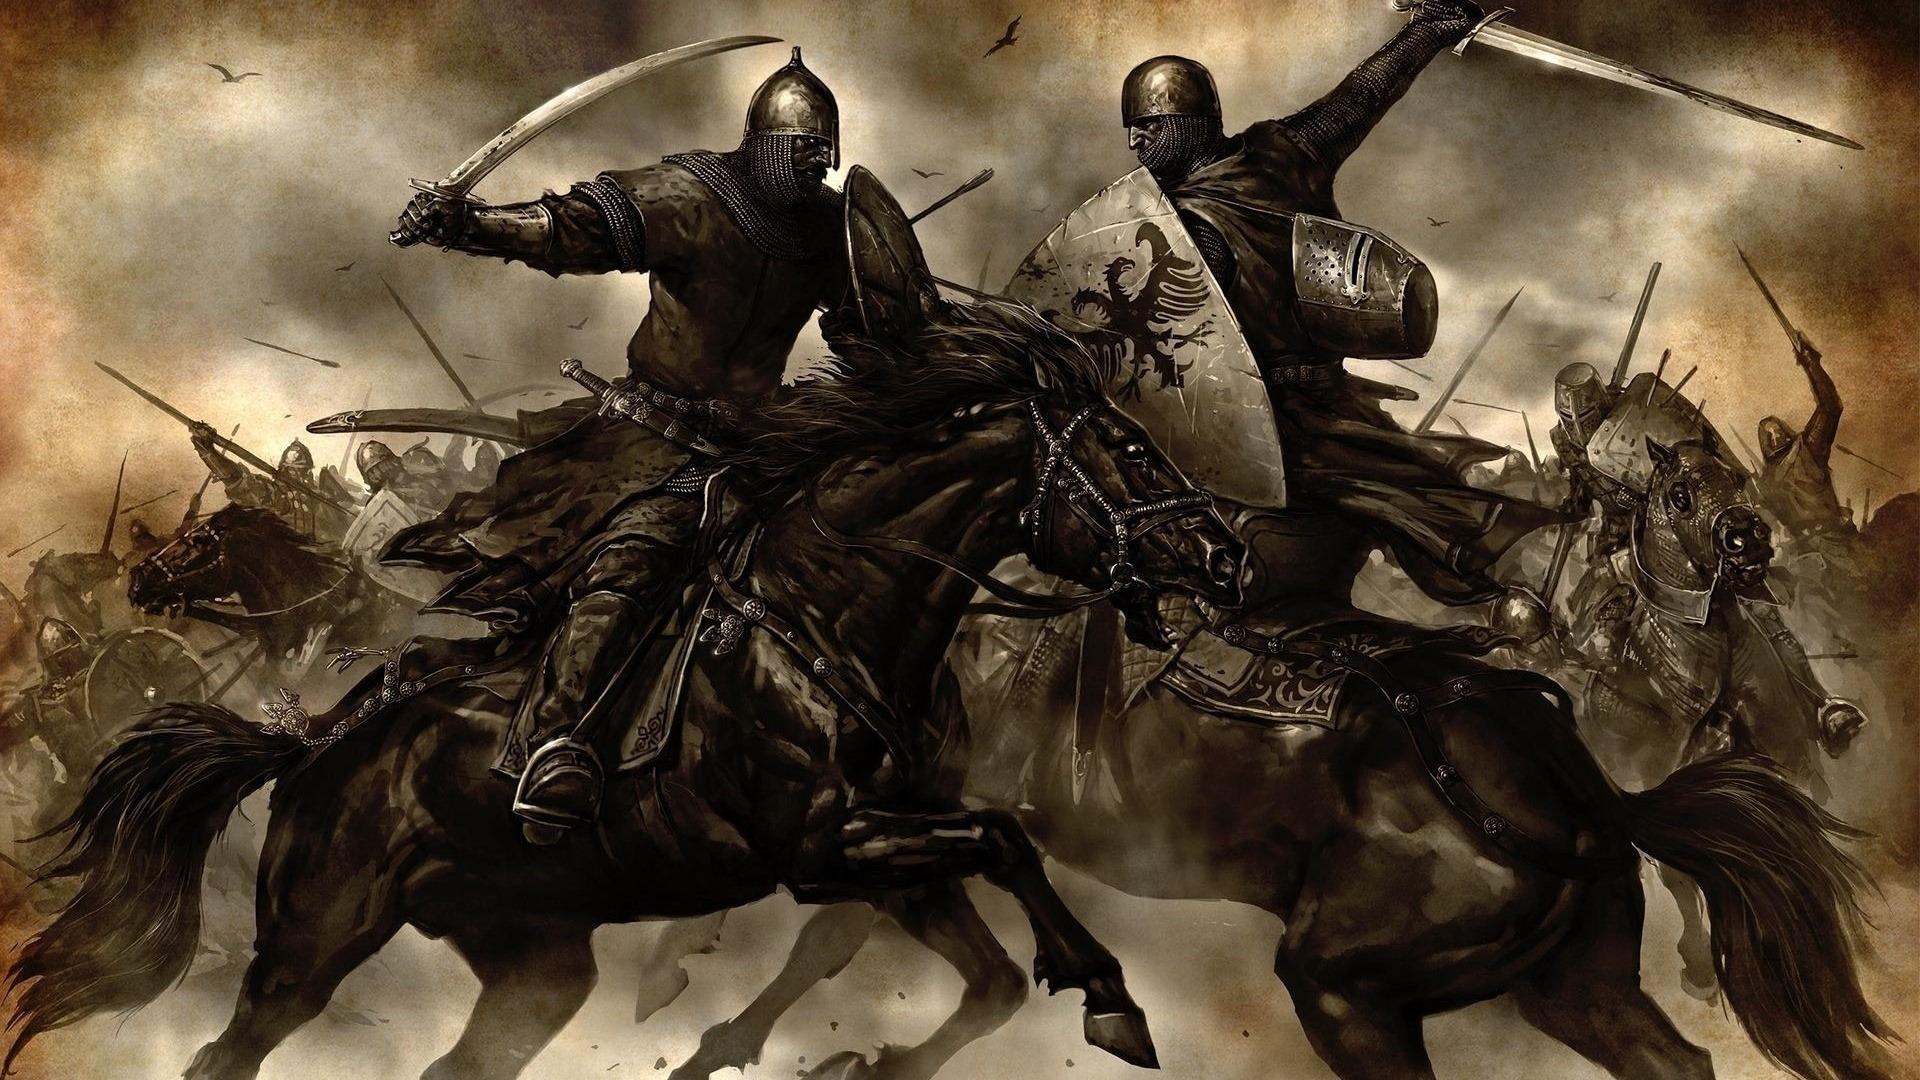 knight wallpaper, доспехи, рыцари, скачать фото, обои для рабочего стола